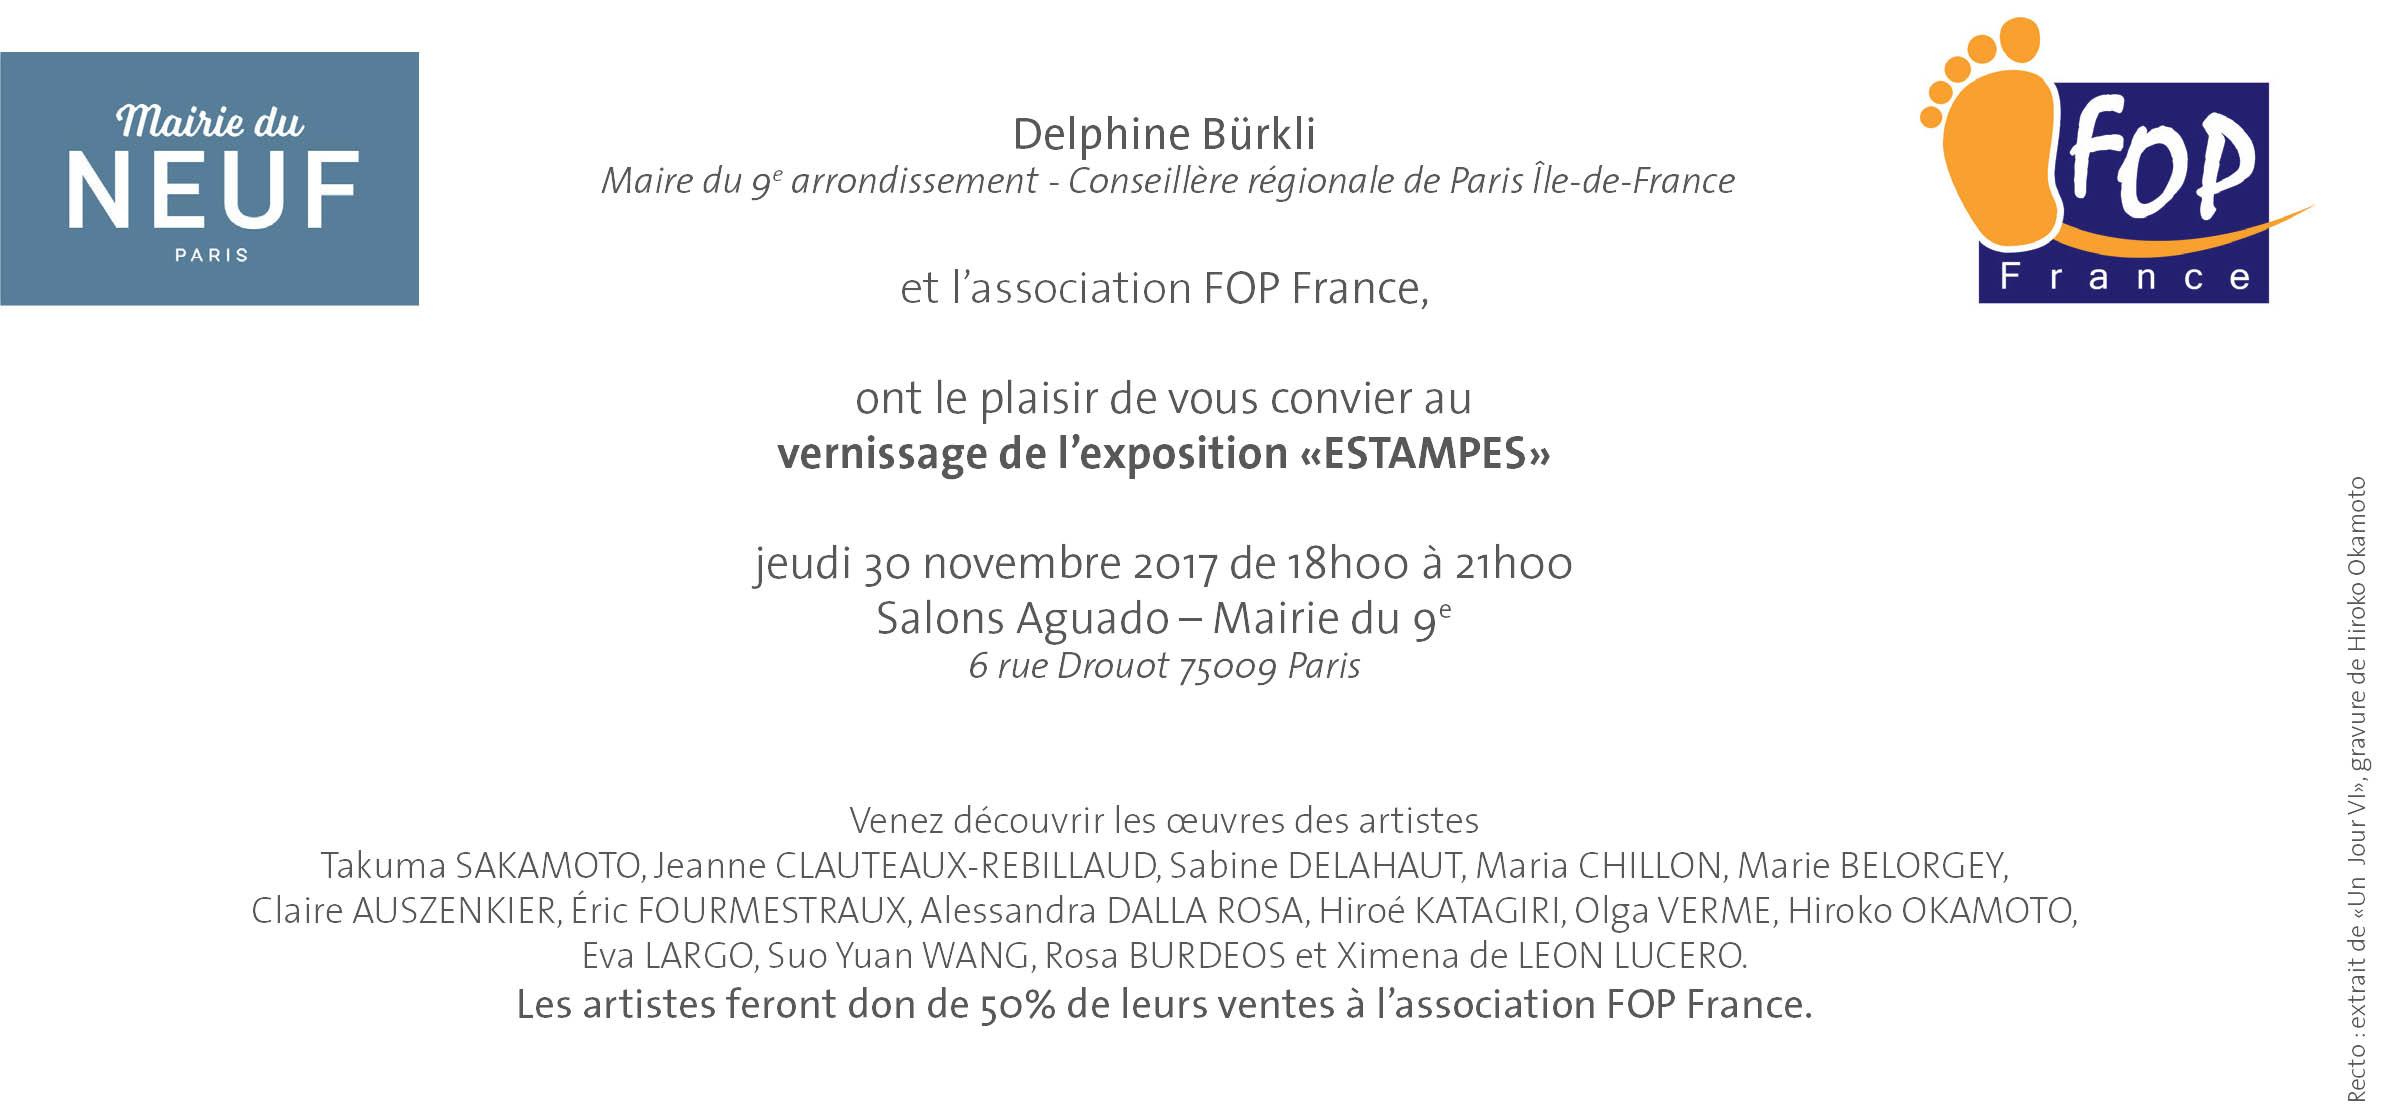 invit-FOP-Mairie9-210X100-2.indd